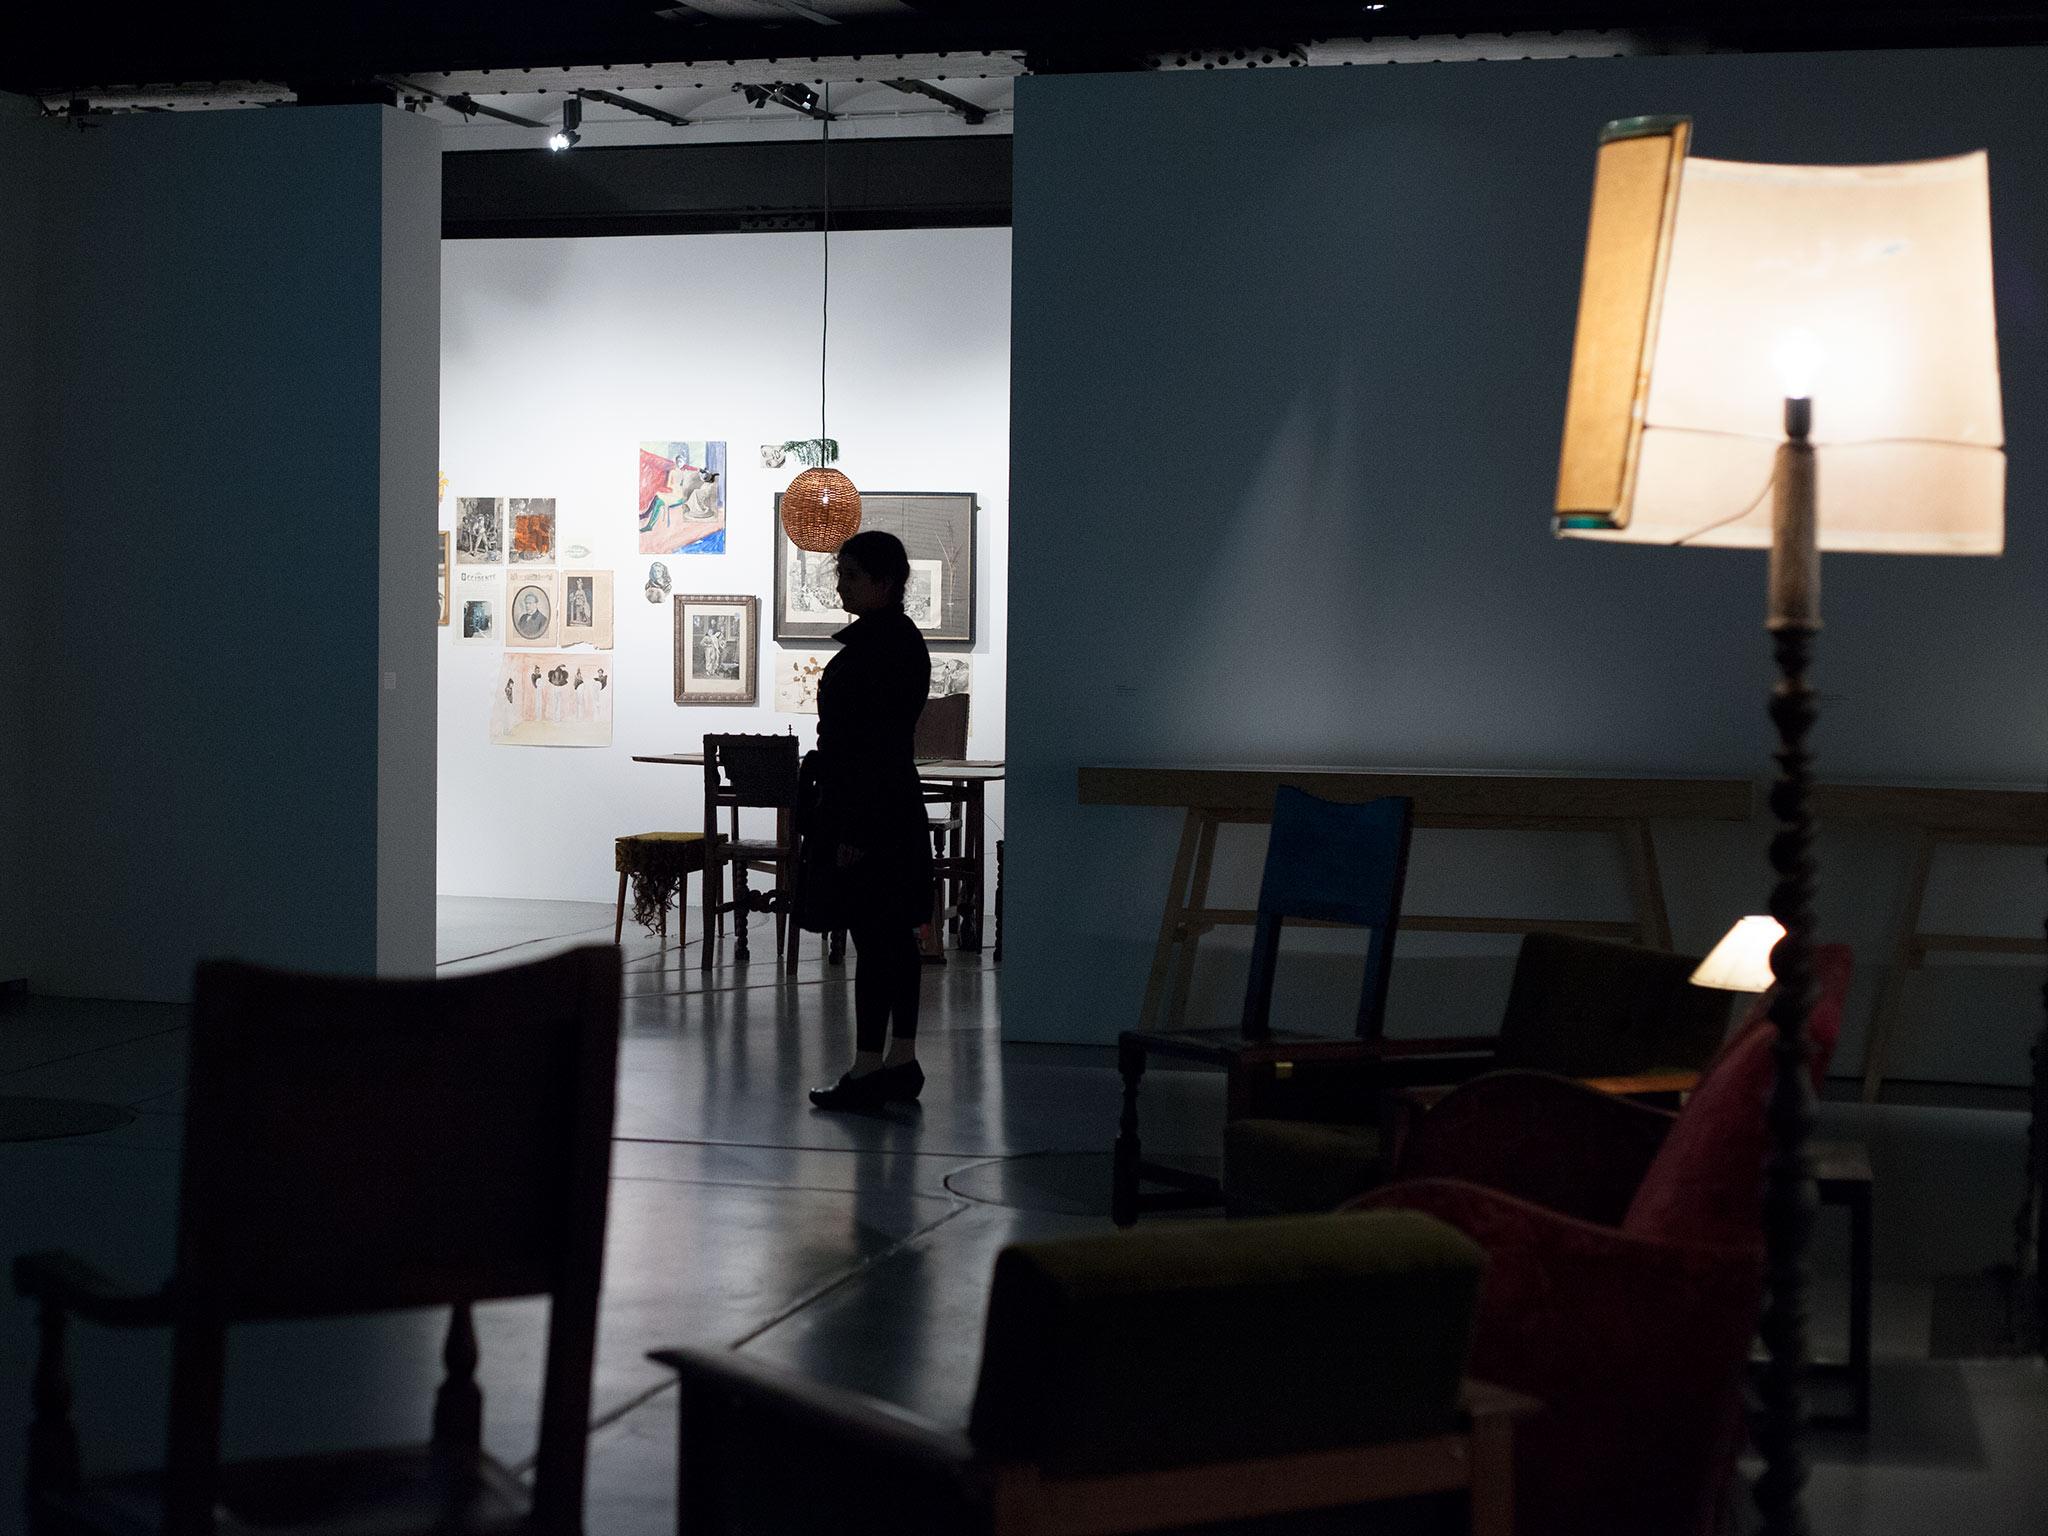 paula roush+ maria lusitano, Queer Paper Gardens installation view. Museu da Electricidade, Lisbon 2013